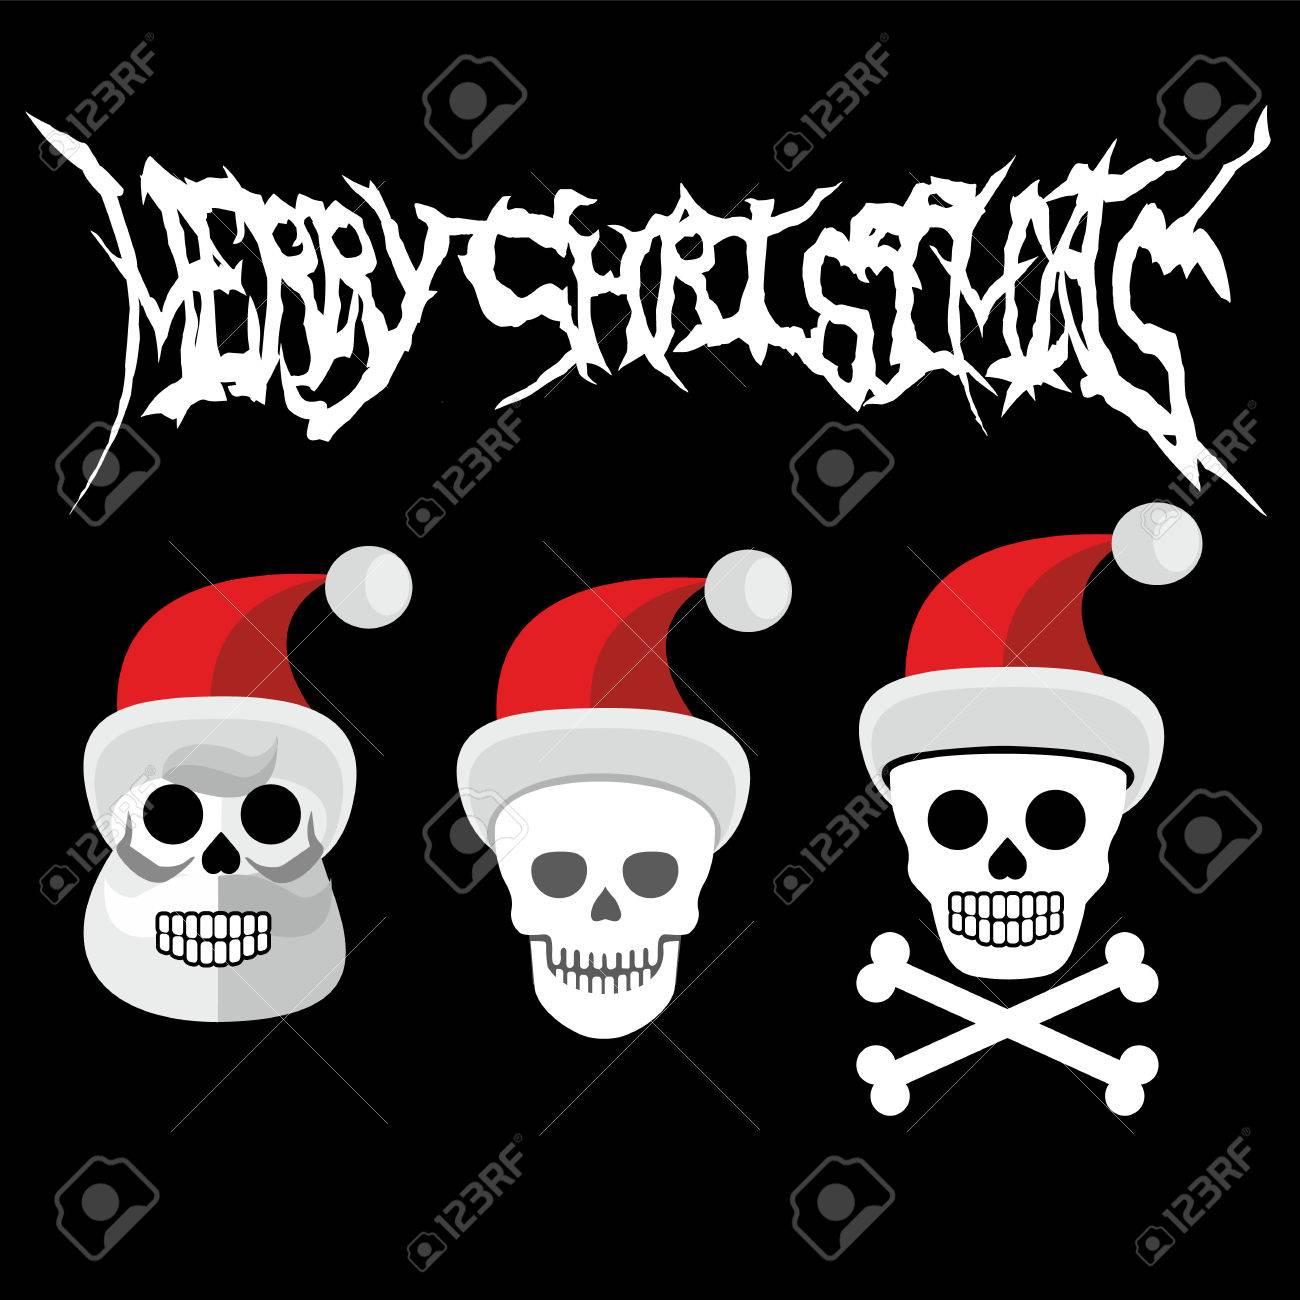 Weihnachten Schädel-Grunge. Vintage Design T-shirts Lizenzfrei ...